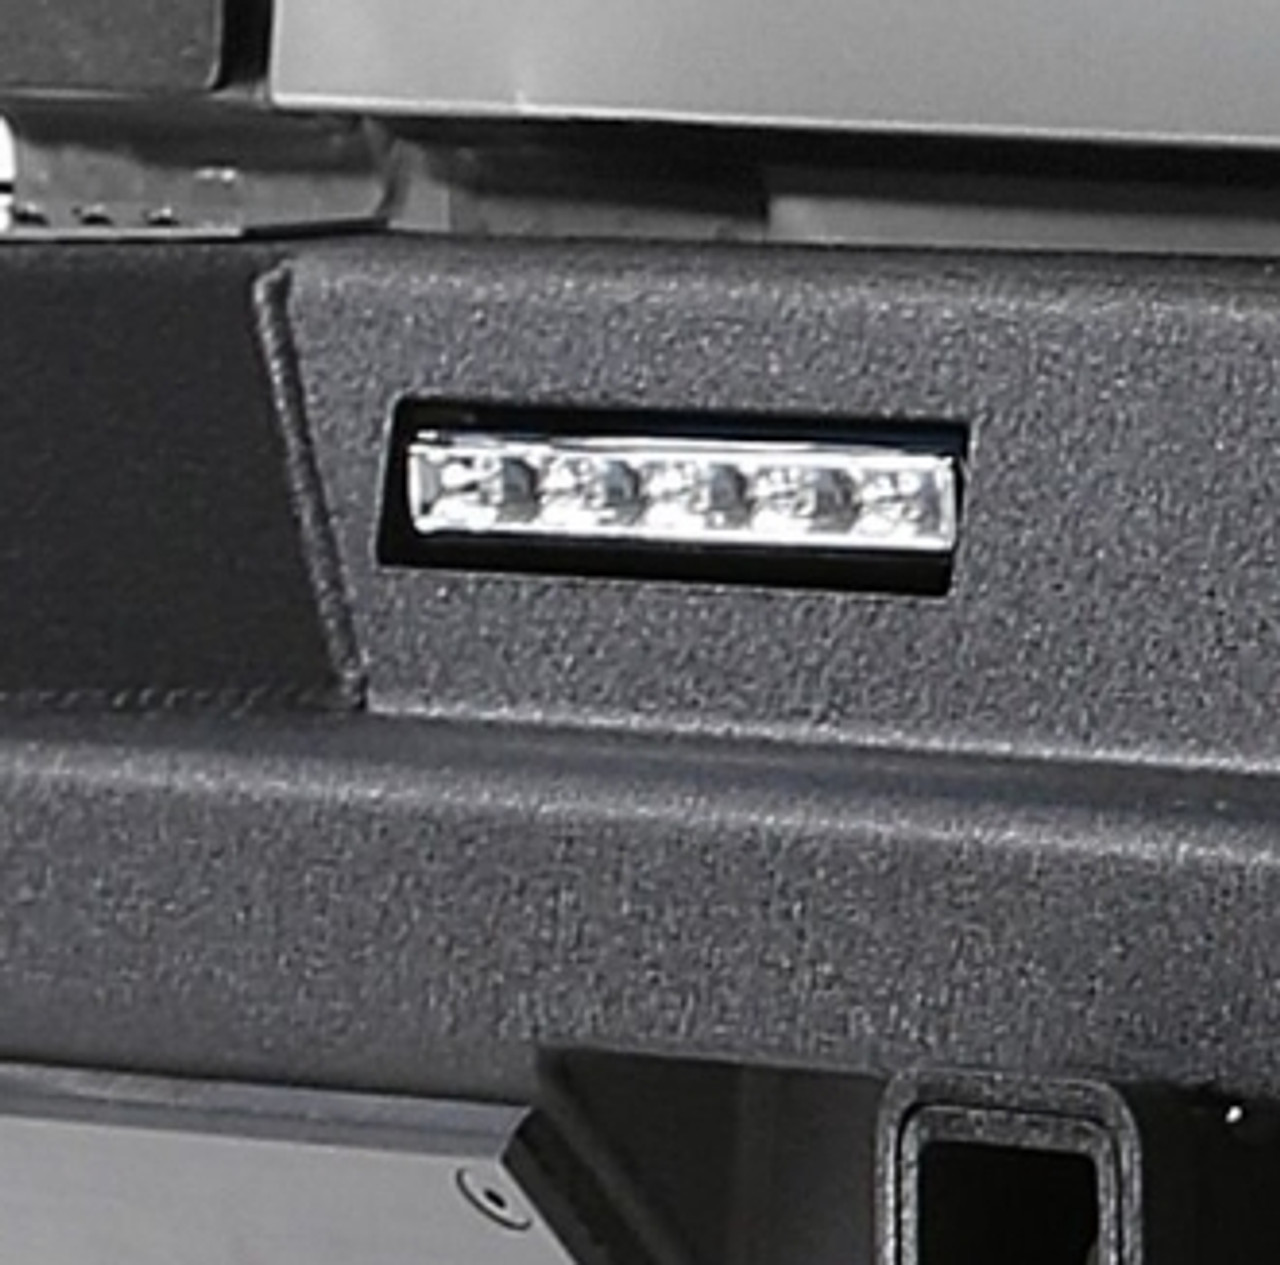 Smittybilt XRC Gen 2 Rear Bumper (Wrangler JK 2007-2018)